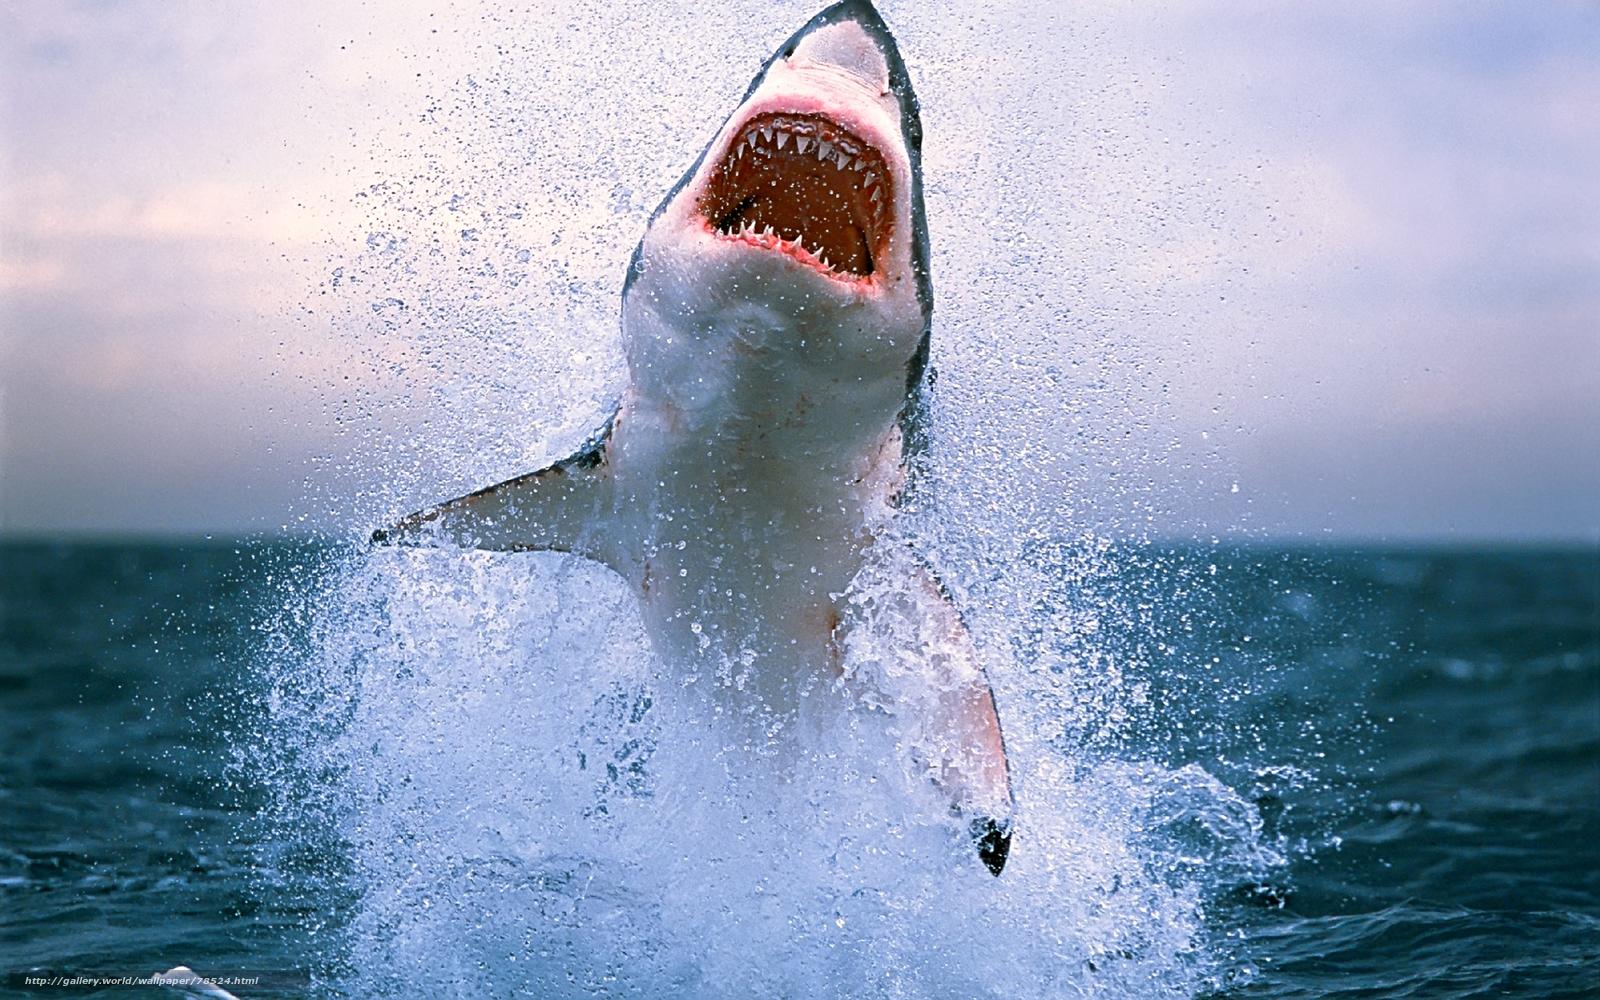 Download Hintergrund Sharks,  Hai,  Zhne,  Gefahr Freie desktop Tapeten in der Auflosung 1920x1200 — bild №78524